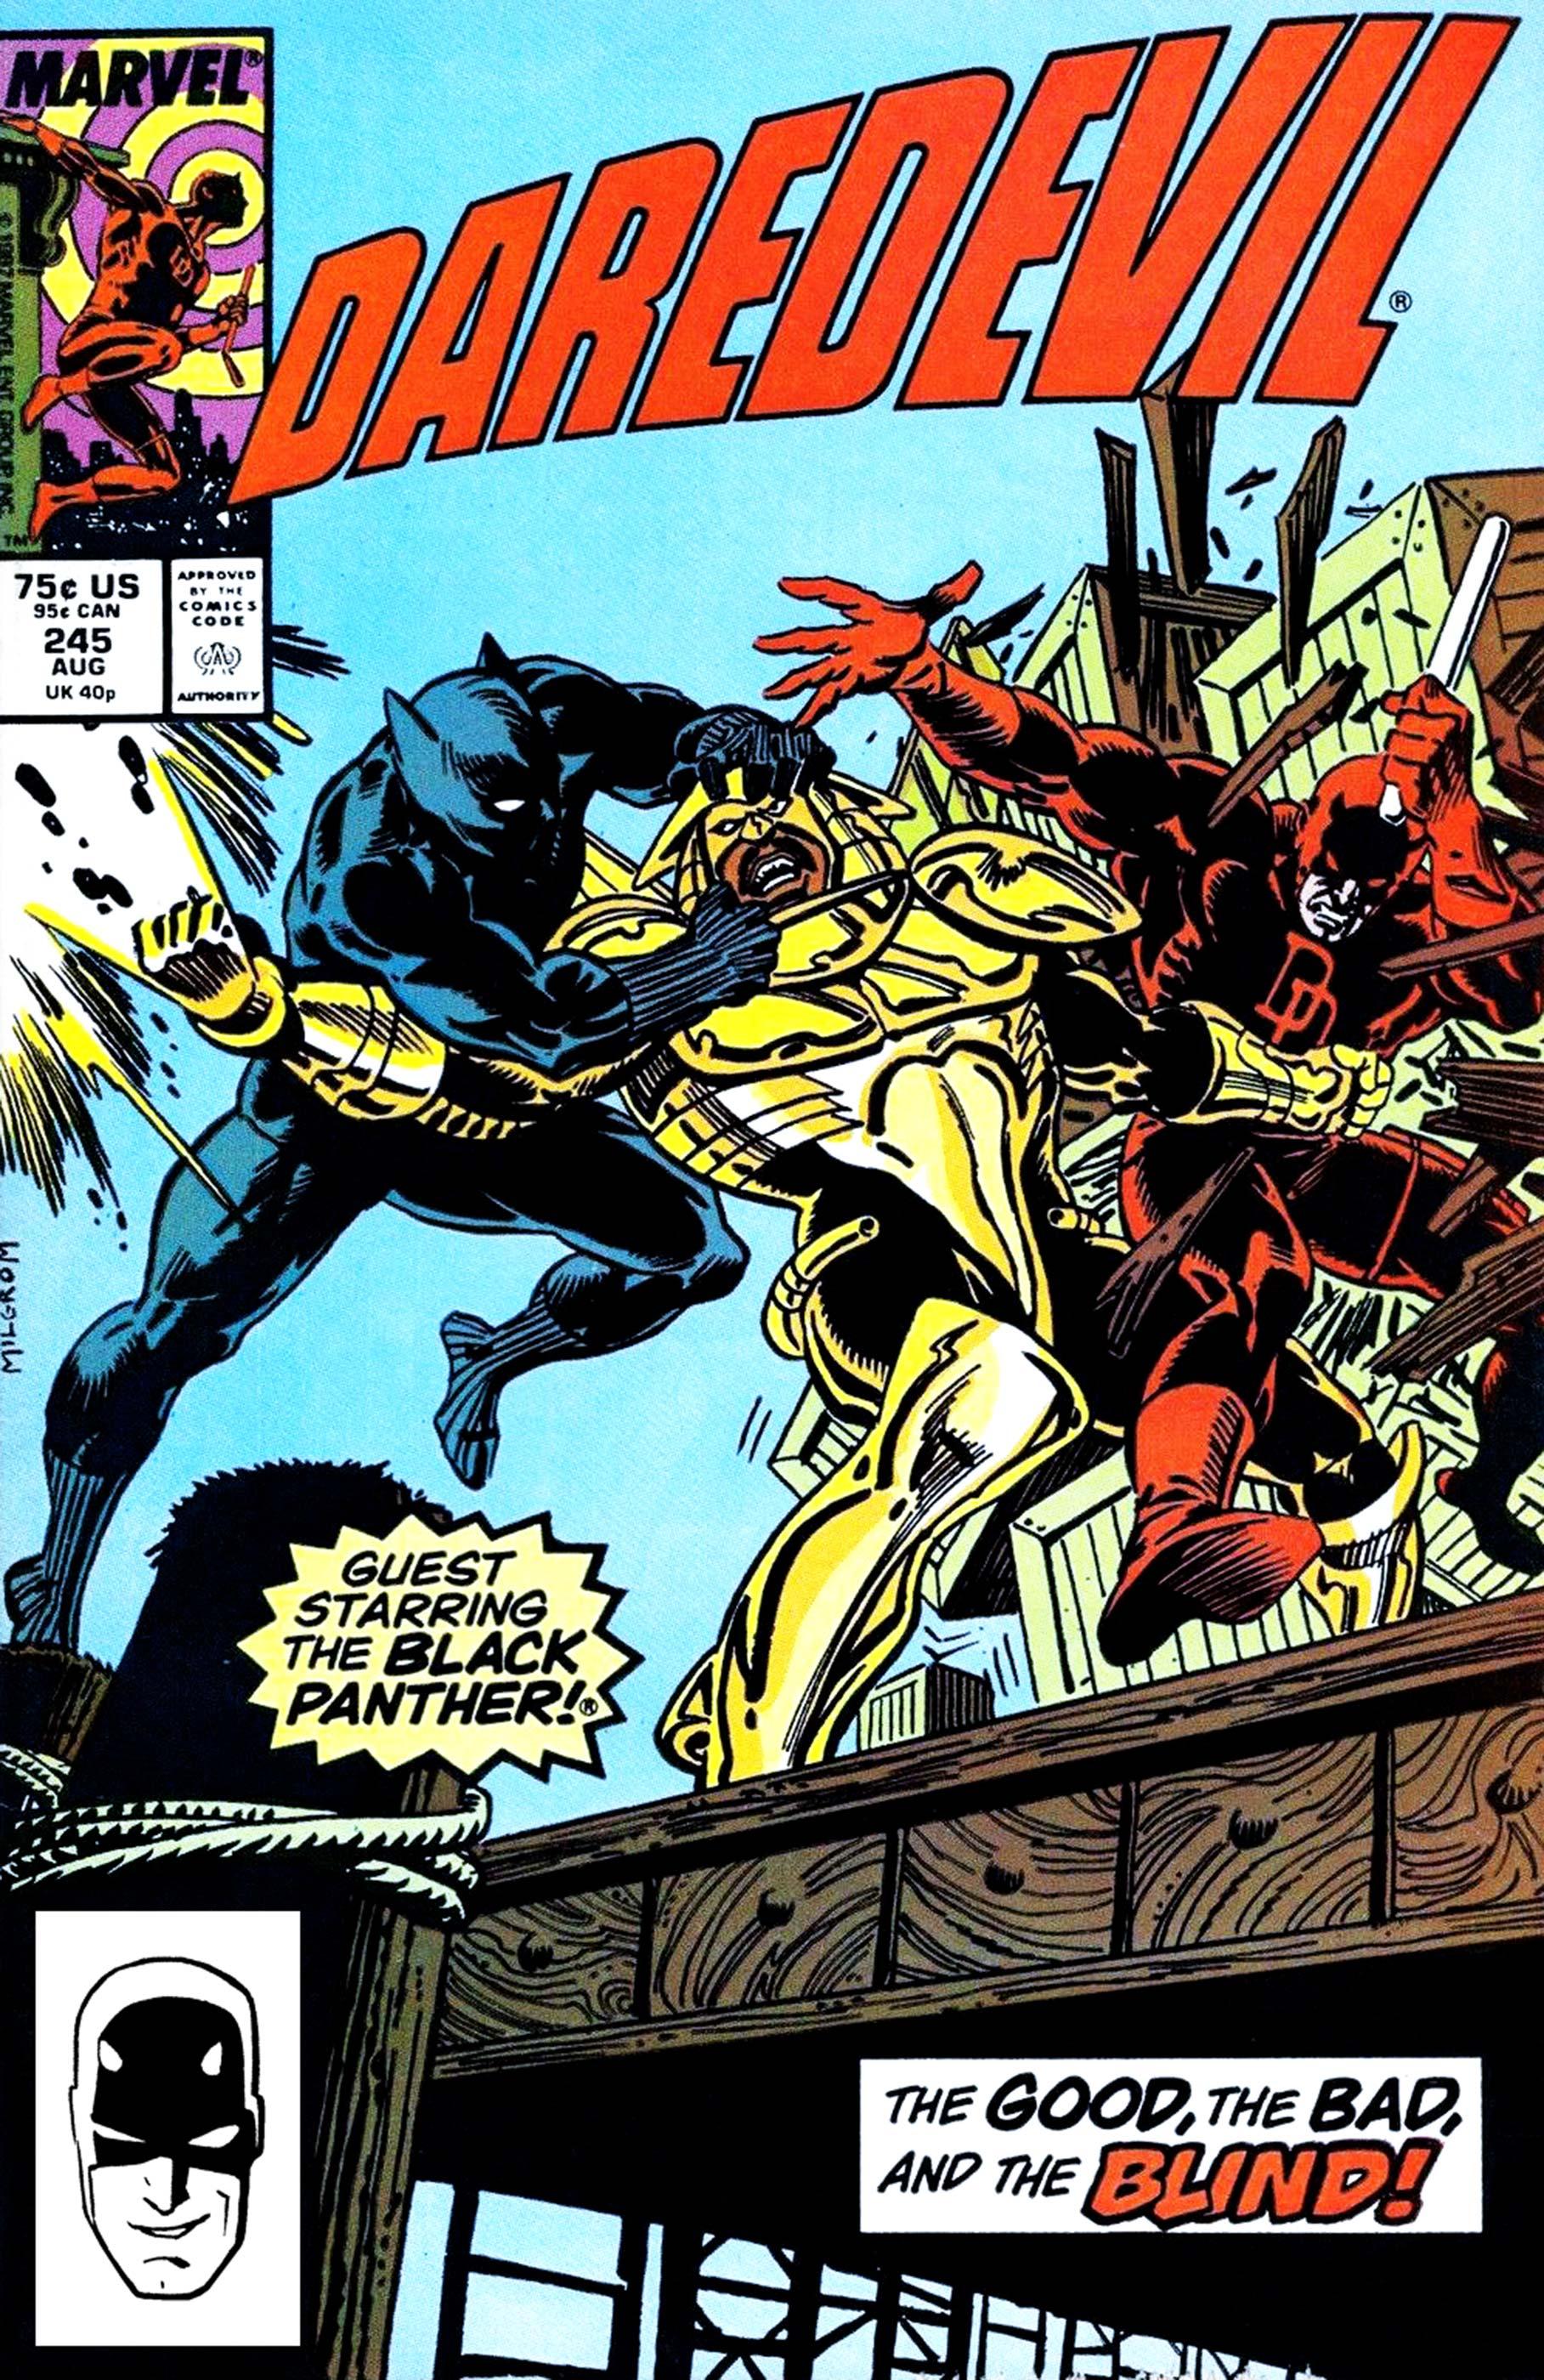 Daredevil (1964) #245